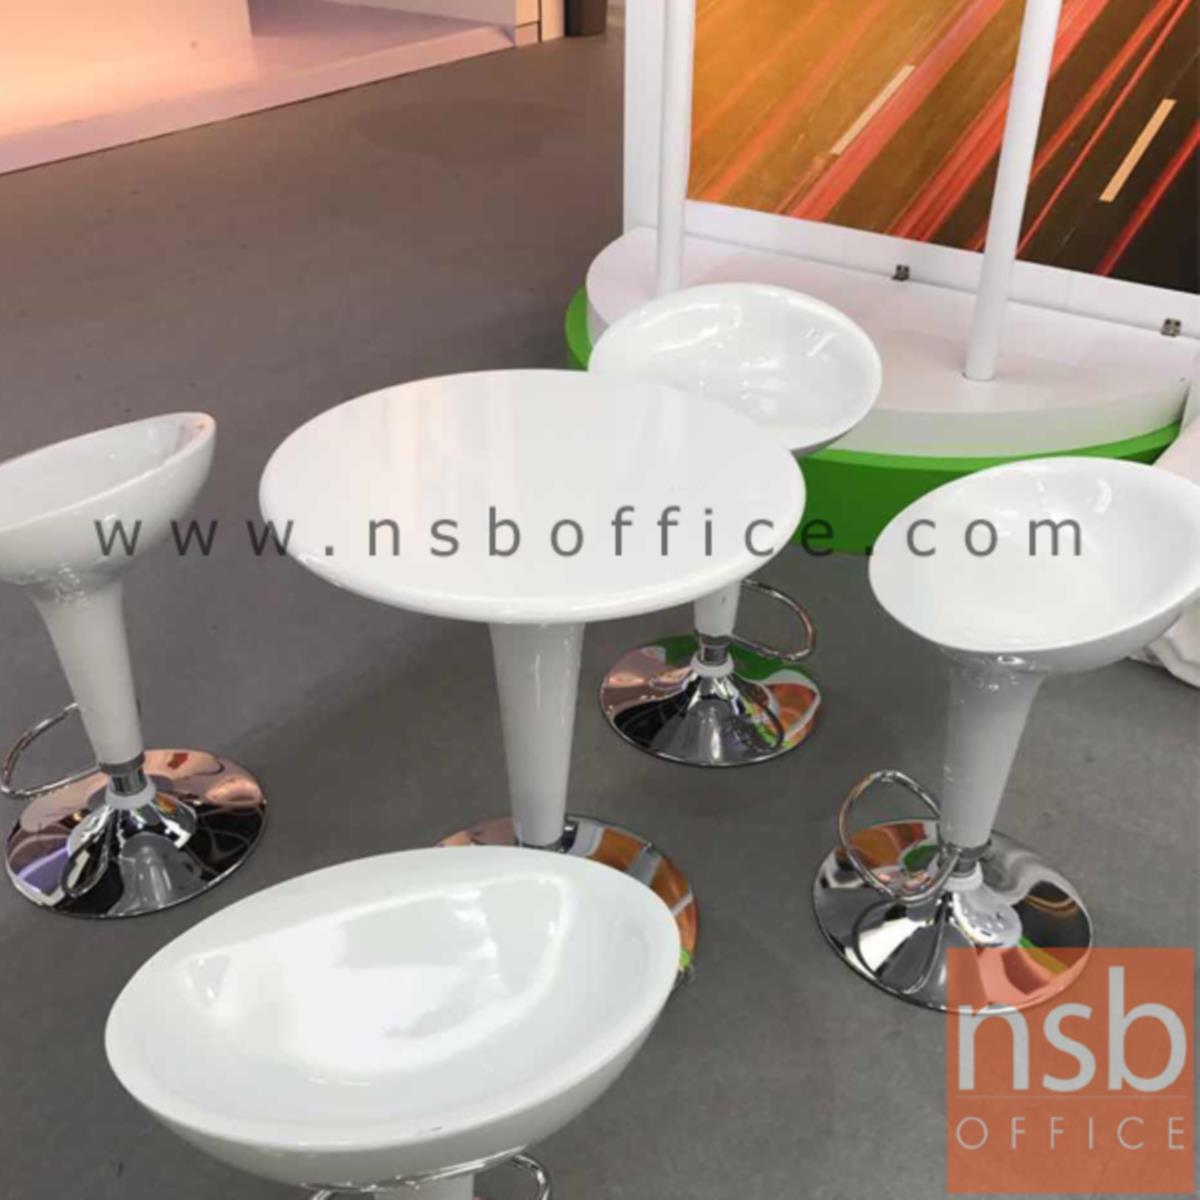 โต๊ะหน้าพลาสติกไฟเบอร์ รุ่น Horowitz (โฮโรวิตซ์) ขนาด 60Di cm. ปรับความสูงได้ ขาฐานจานกลมชุบโครเมี่ยม